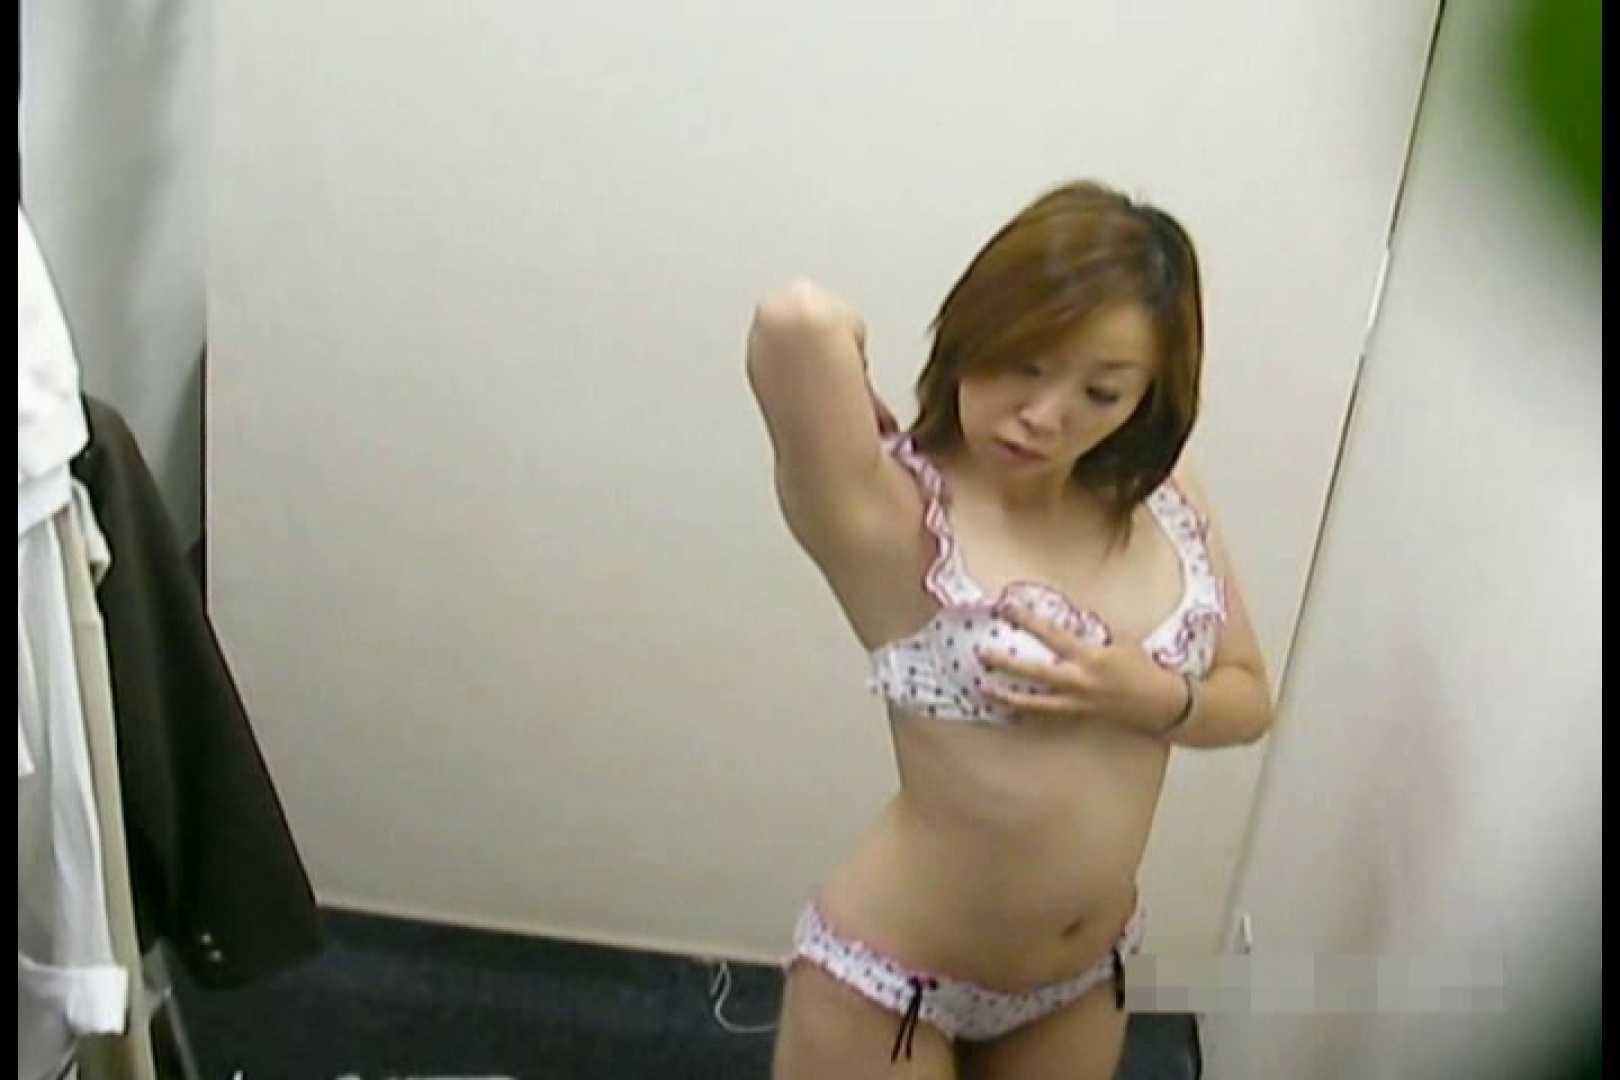 素人撮影 下着だけの撮影のはずが・・・愛22歳 素人流出 AV動画キャプチャ 93PIX 27